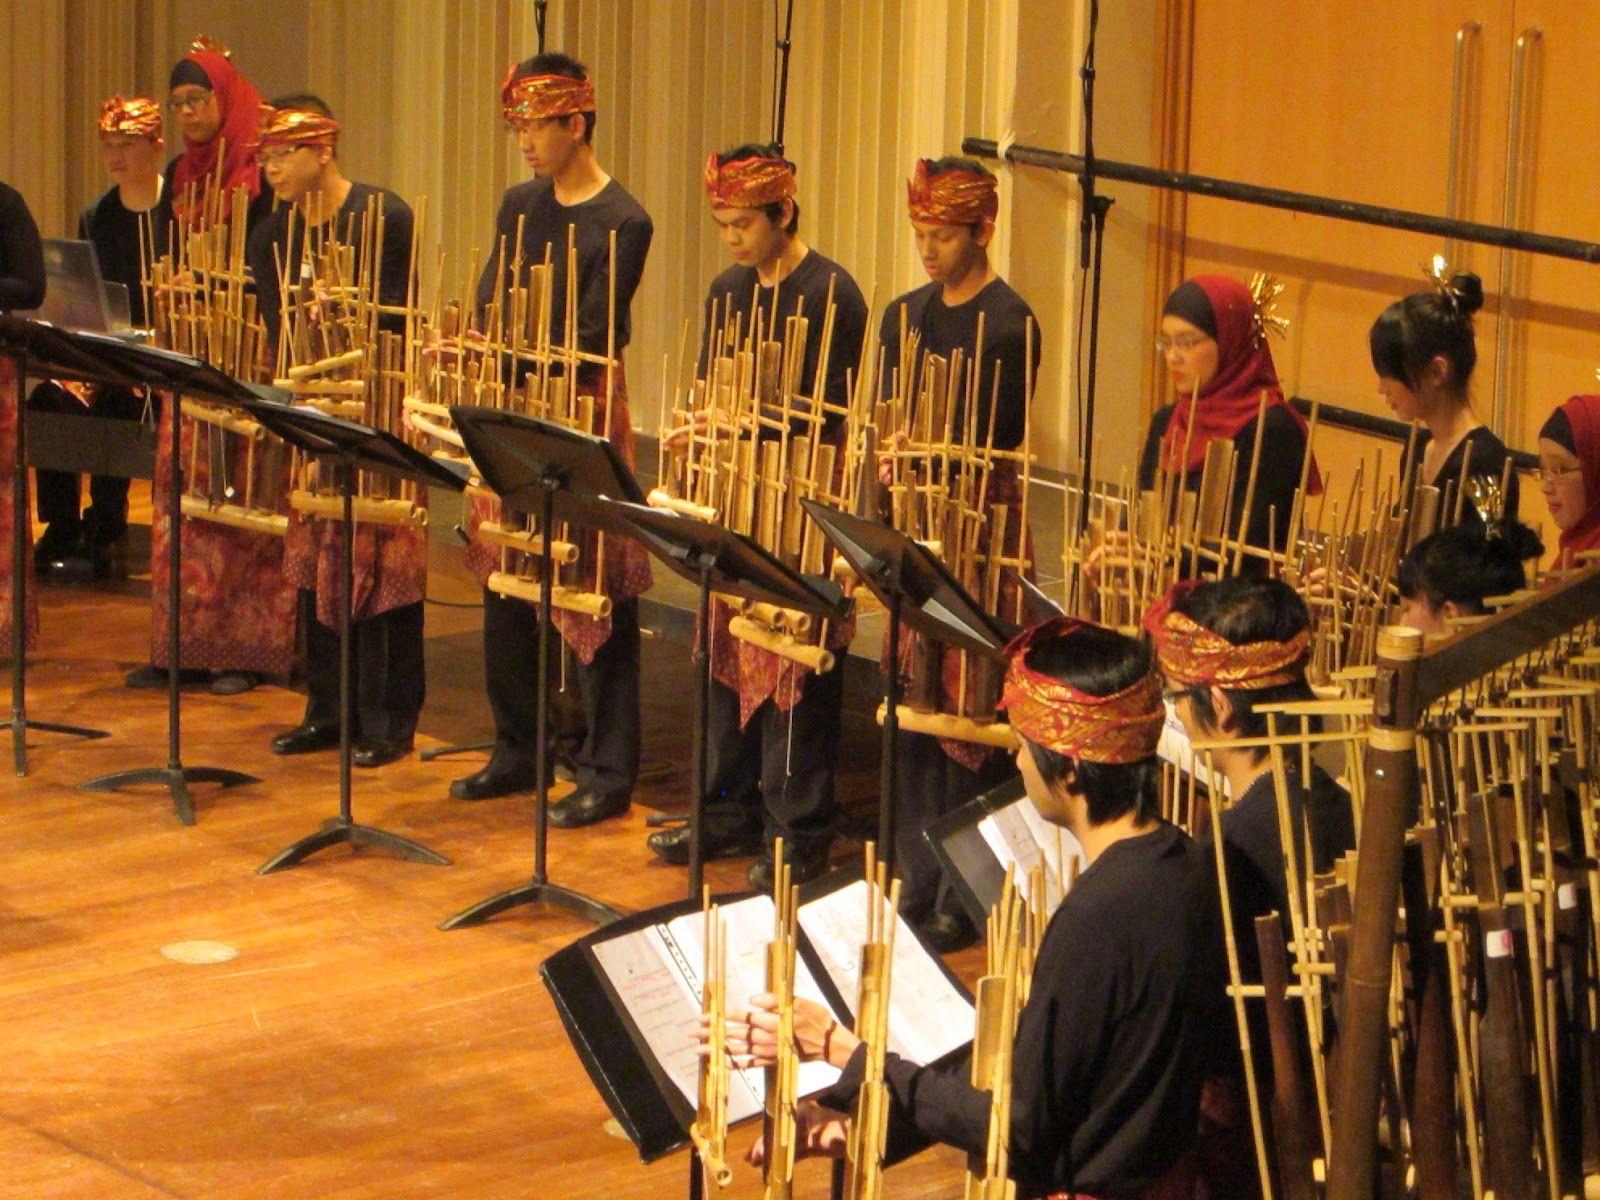 Angklung adalah alat musik tradisional yang berasal dari